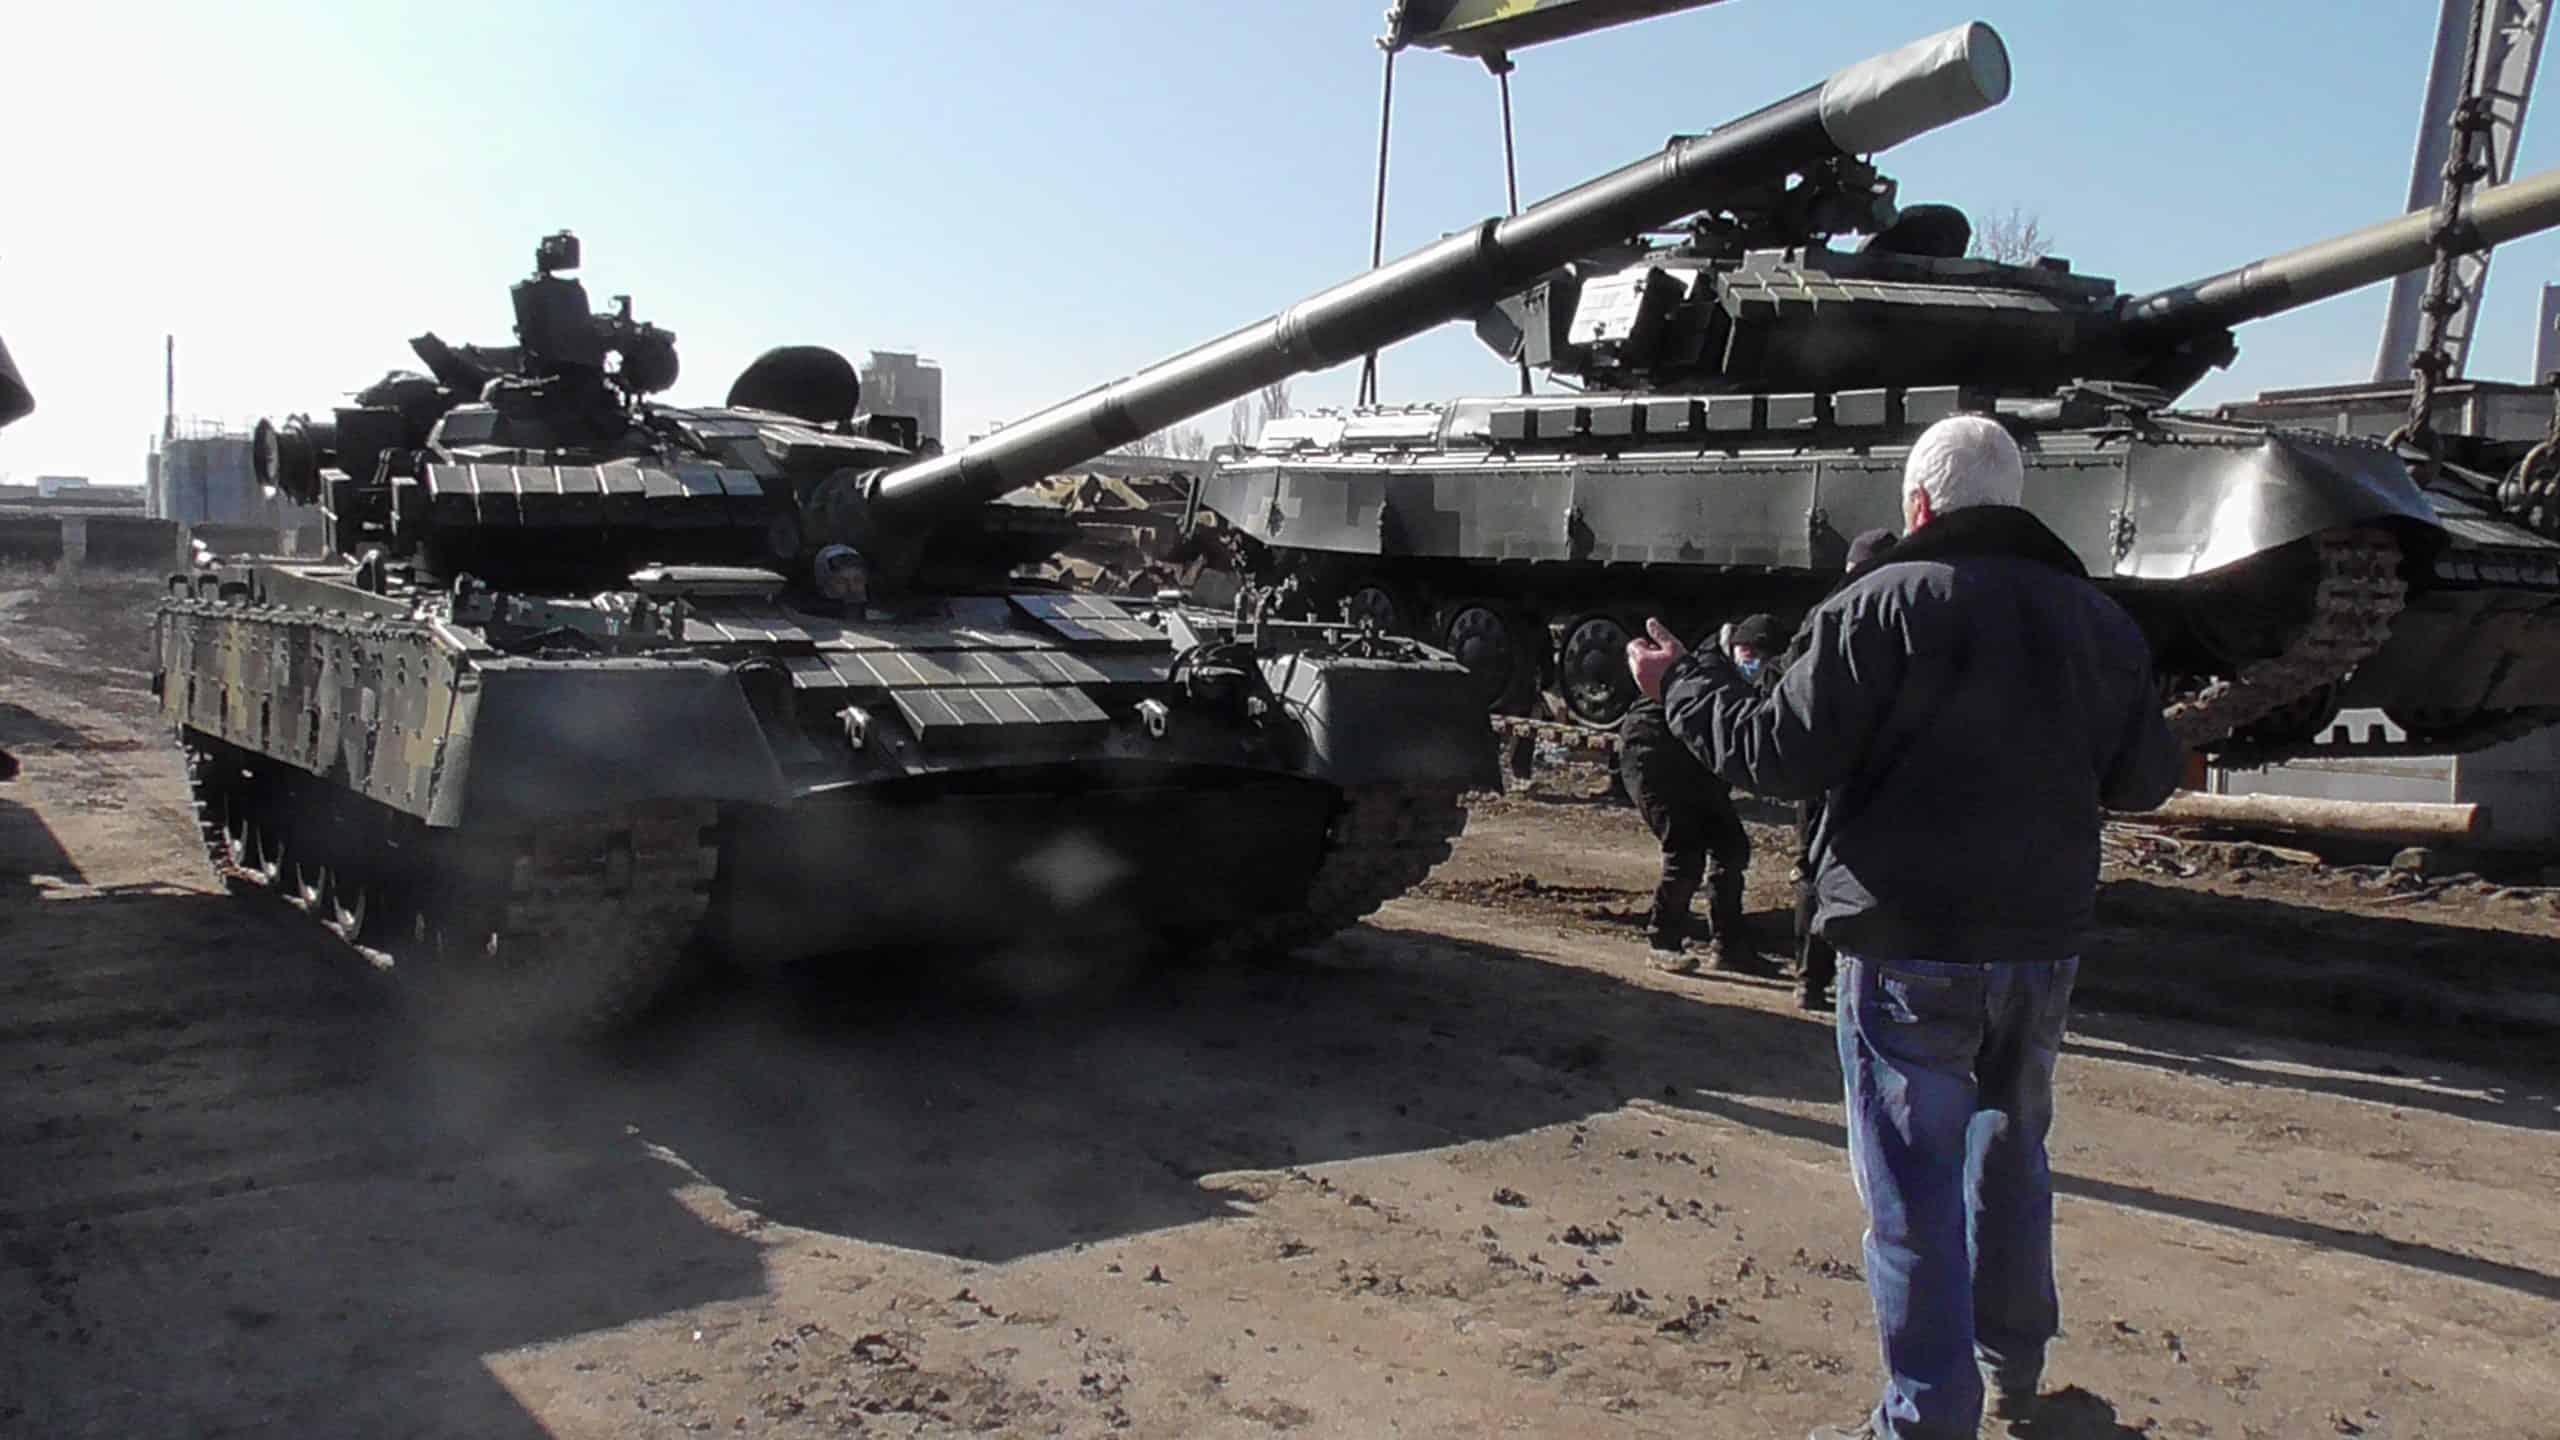 Відремонтовані та модернізовані танки Т-64БВ та Т-80БВ вантажаться на платформи